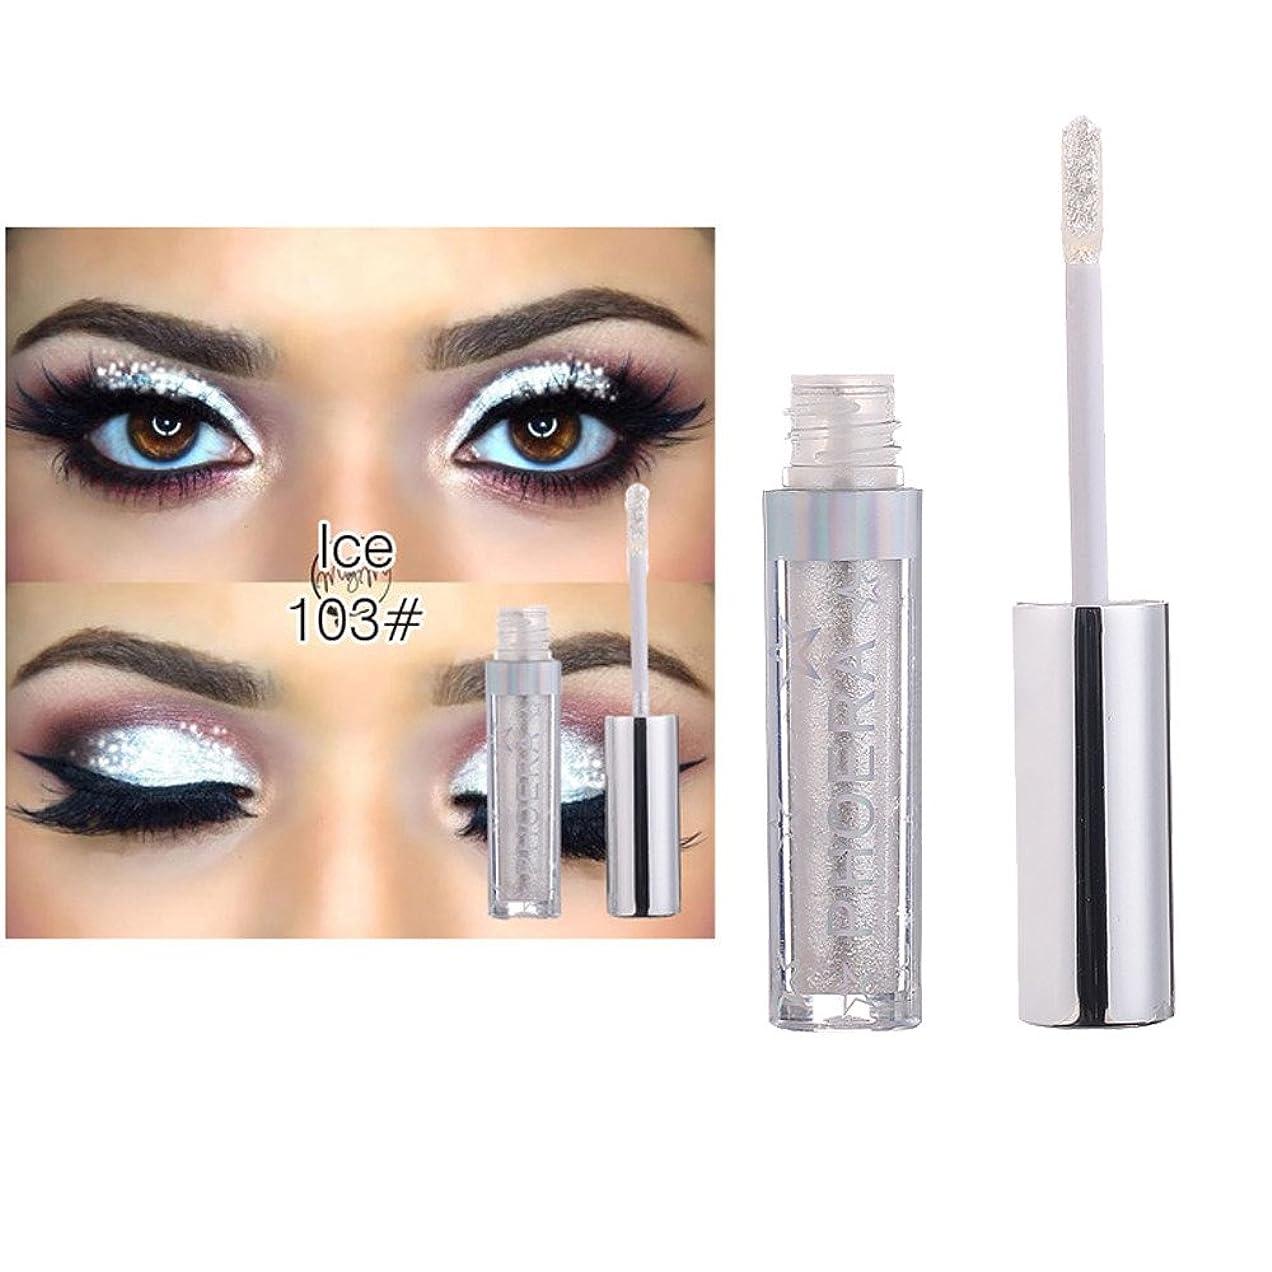 ごちそうシュガー彼のビューティー アイシャドー Duglo リキッドシャドウ 女性 Eye Shadow フェイスメイク 12色 アイシャドウ 持ち便利 パール 極め細かい 使いやすい ラメ 人気 コスプレ Makeup レディース 長持ち スモーキーメイク 化粧 プレゼント (#103)